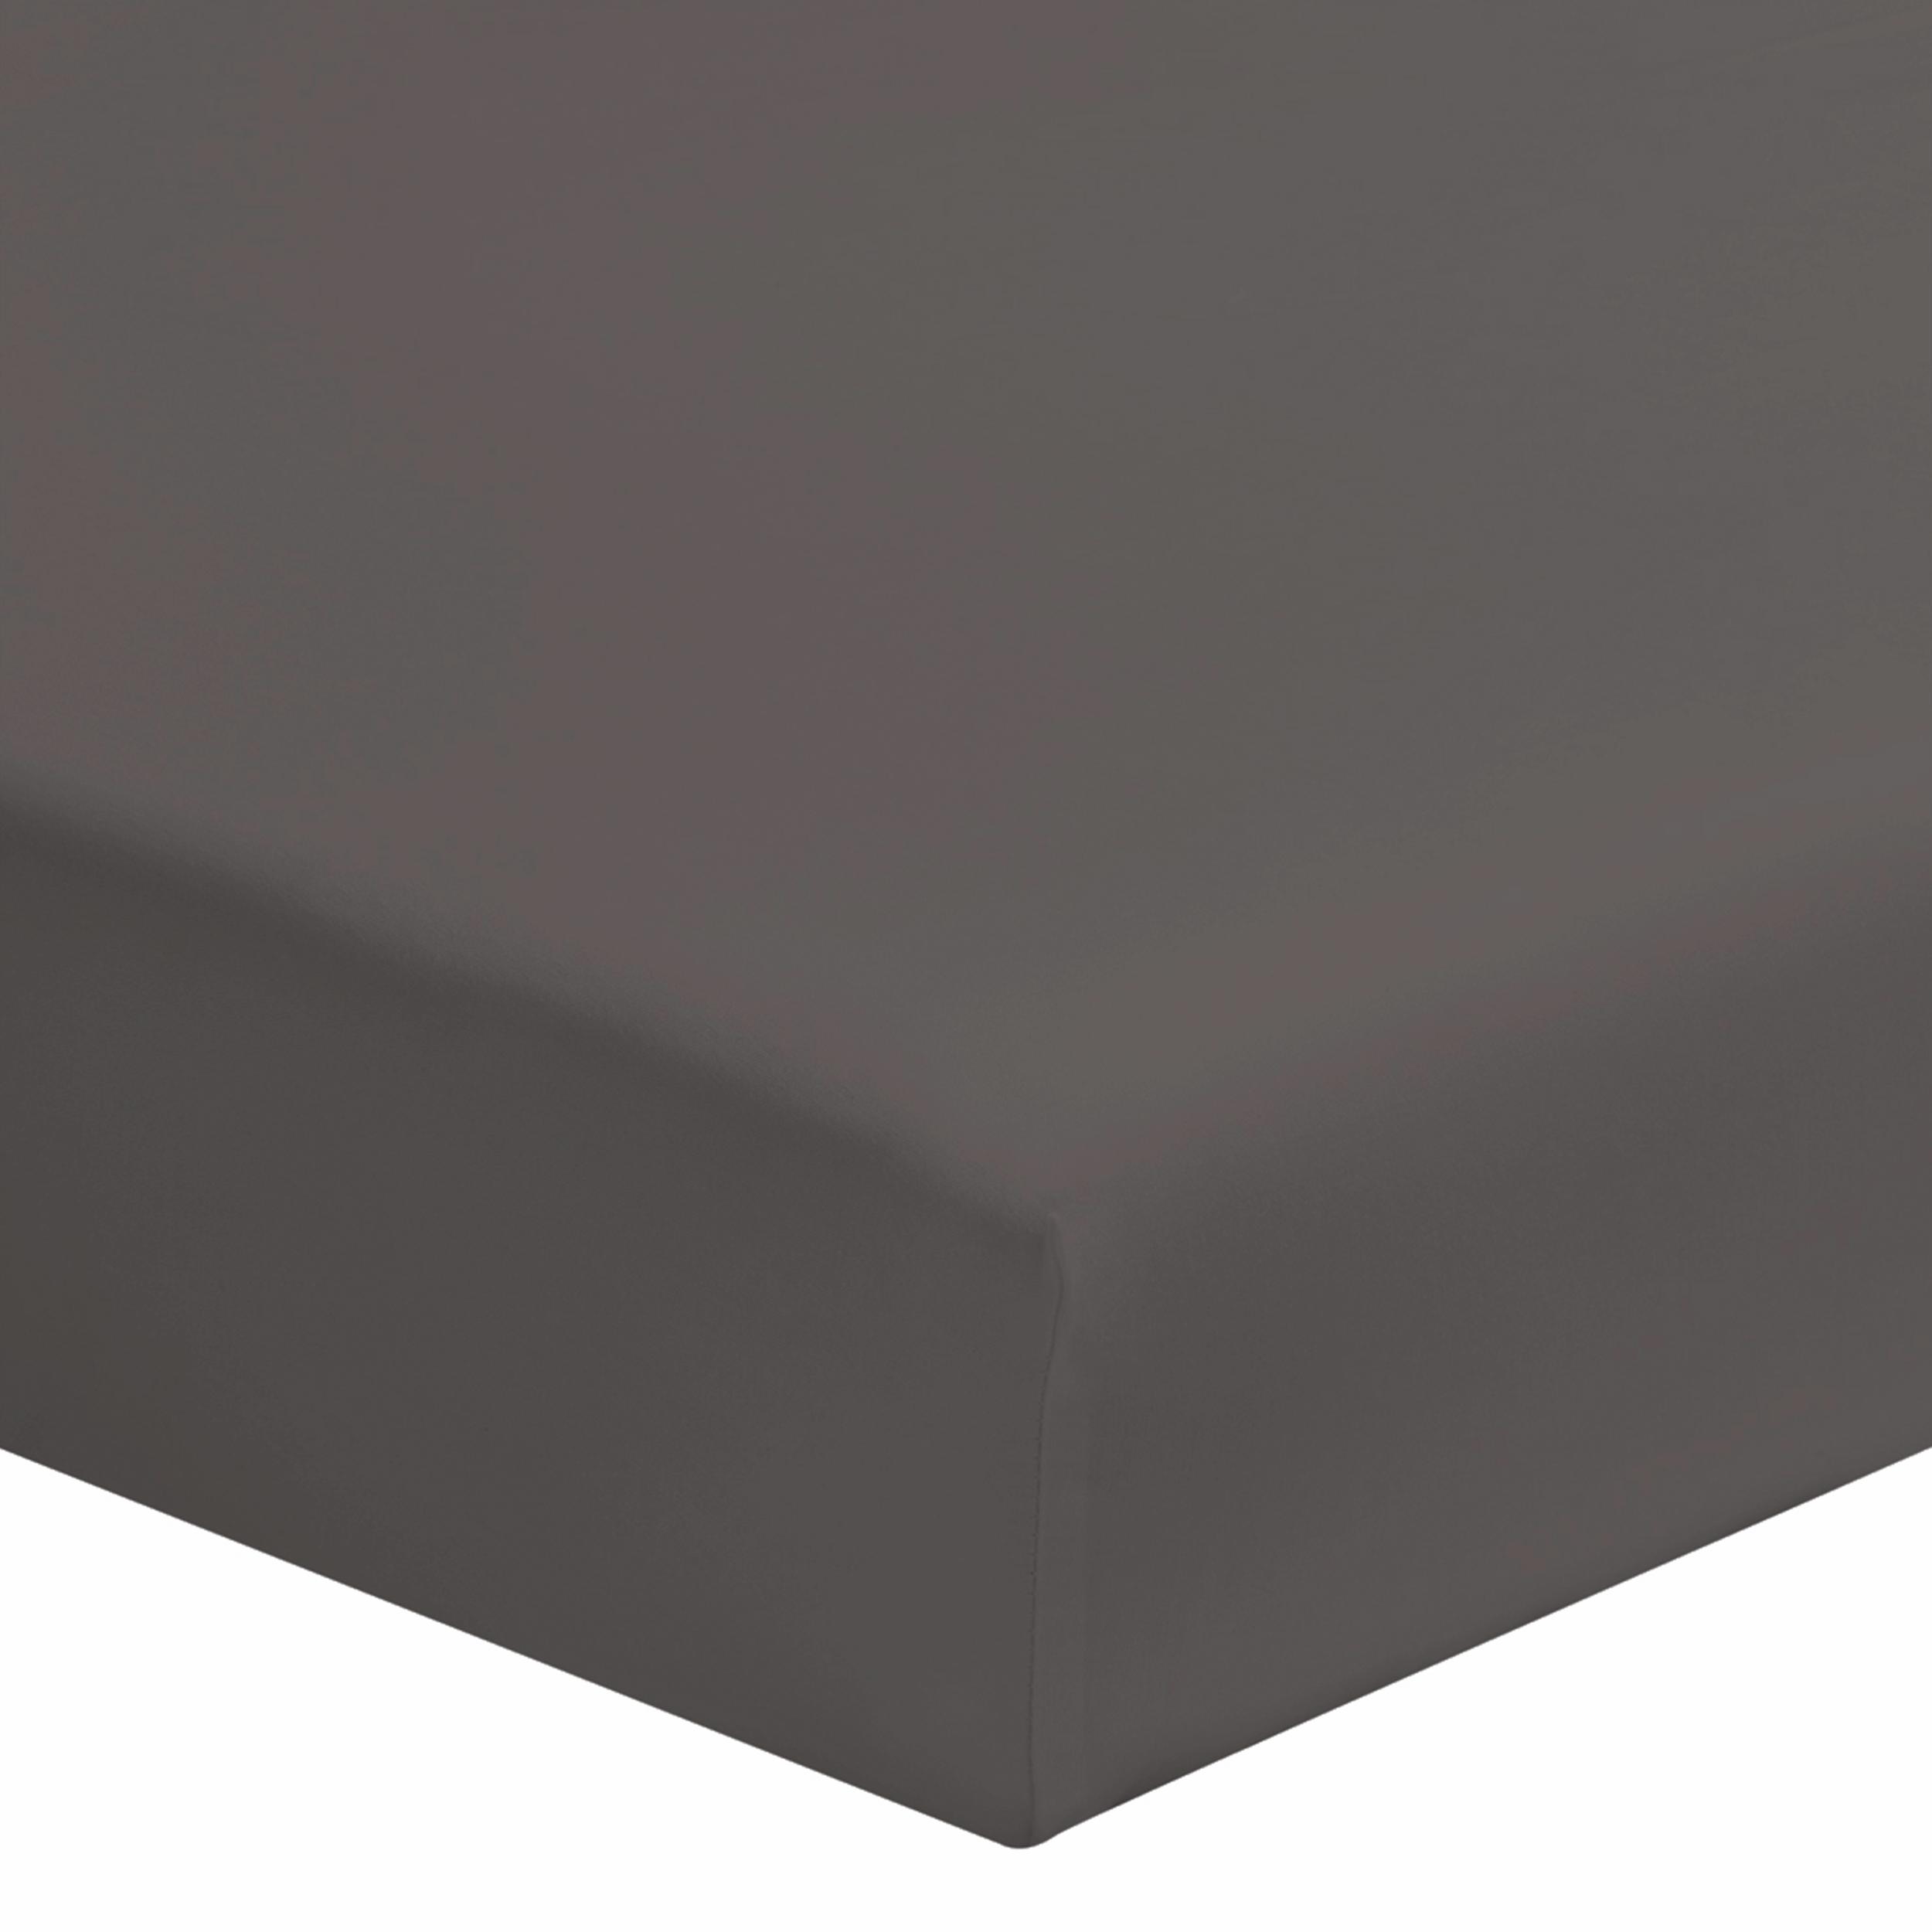 Drap housse uni en coton gris 80x200